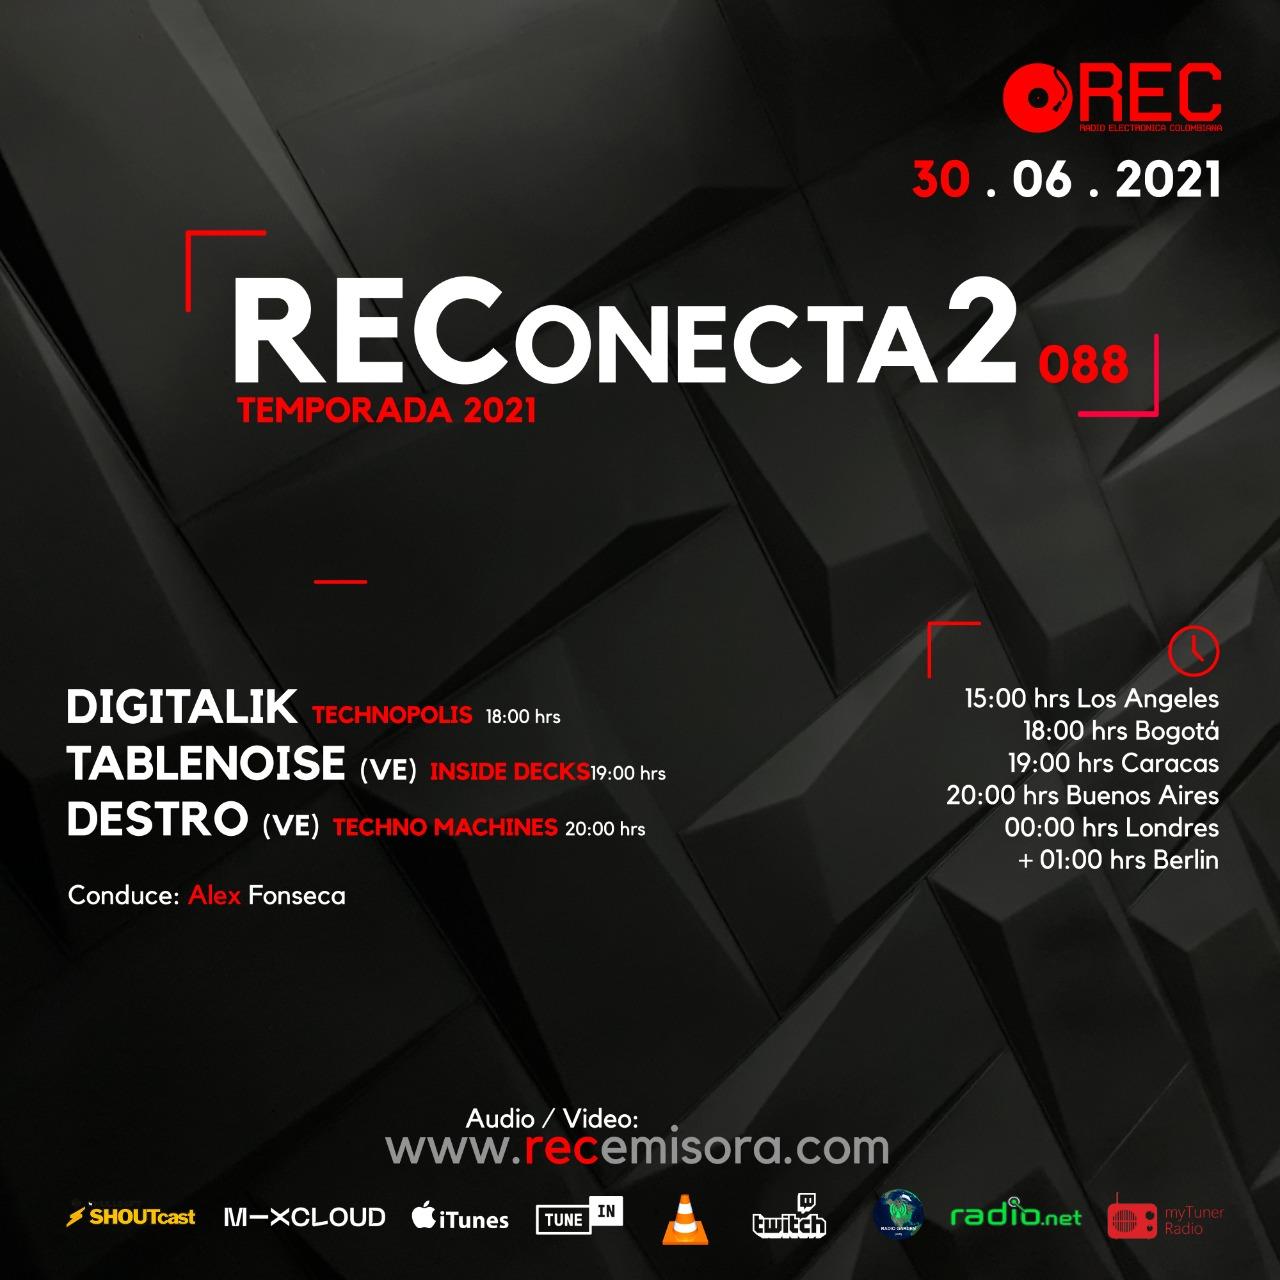 REConecta2